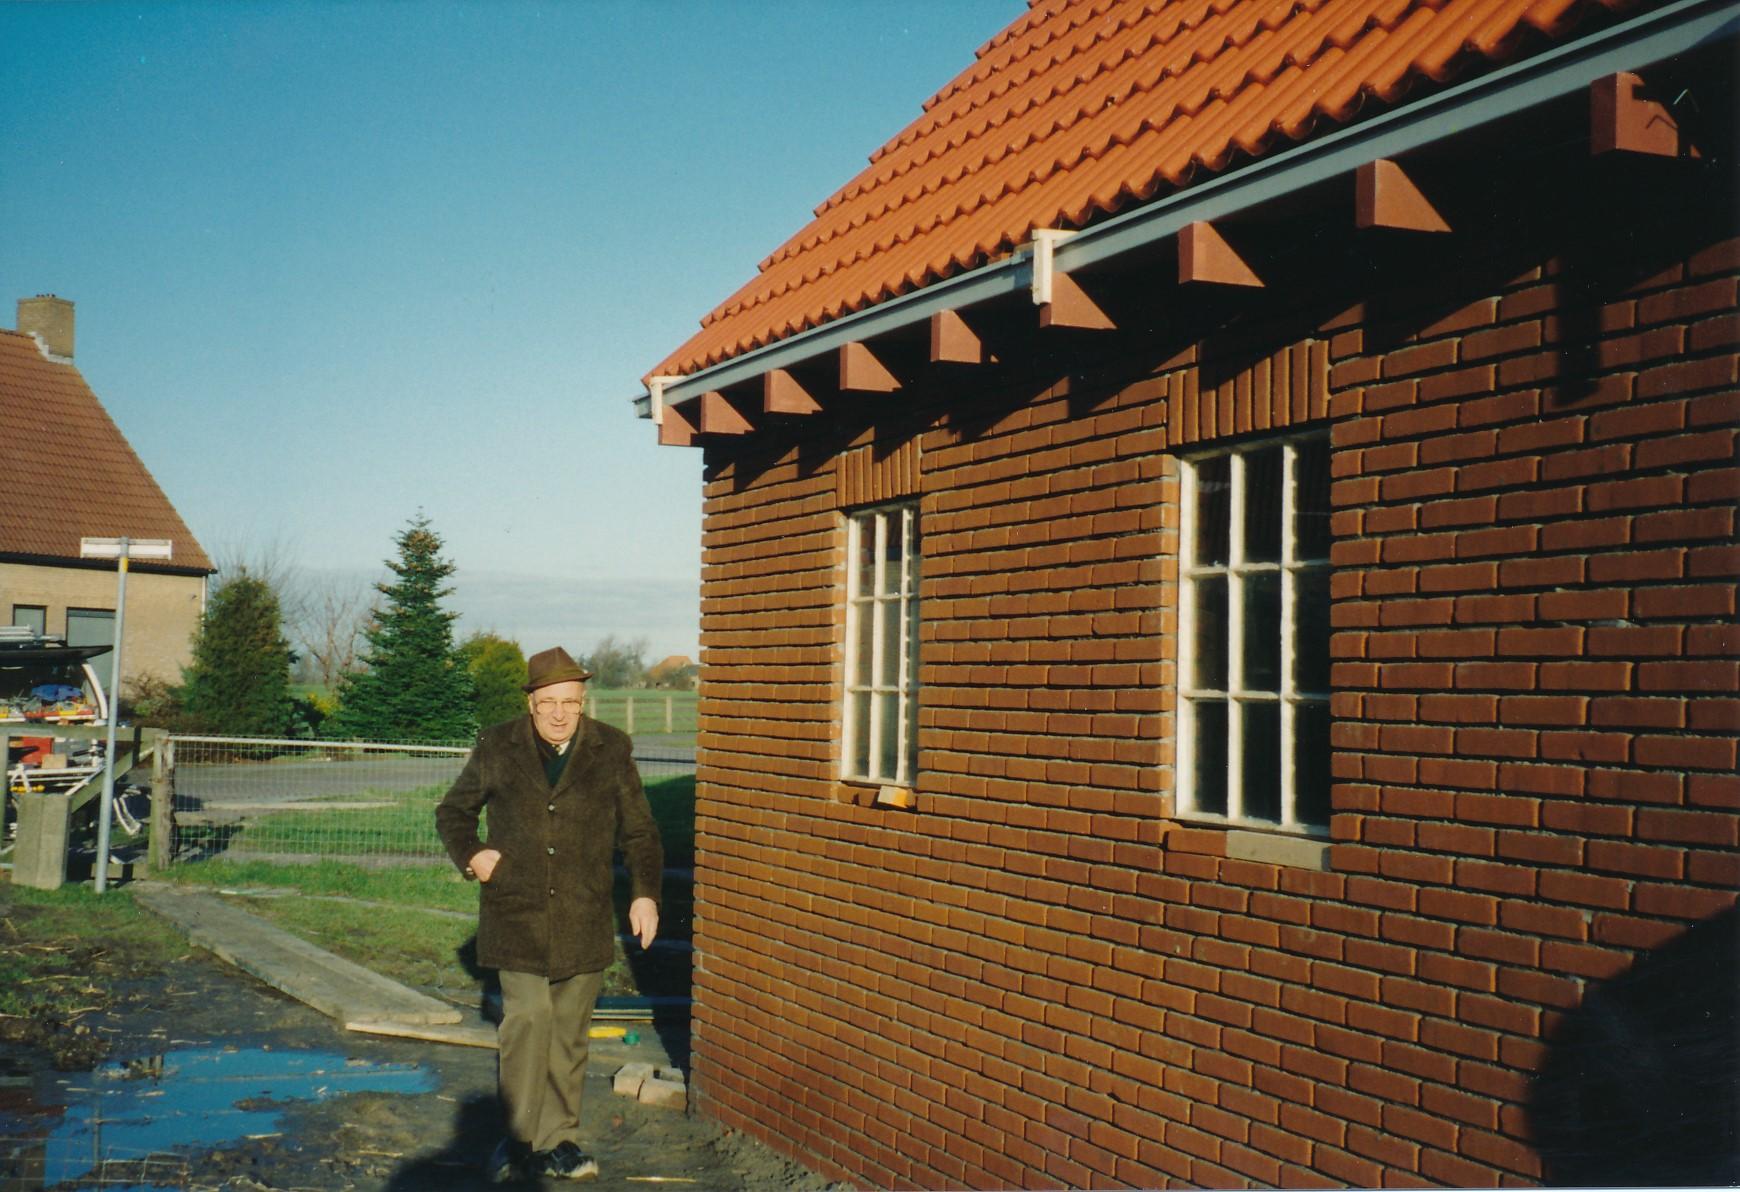 Fotoalbum Anneke Miedema, 039, bou fan it hokje fan Cor en Anneke Miedema, de heer Planken by it nije hok, 1993